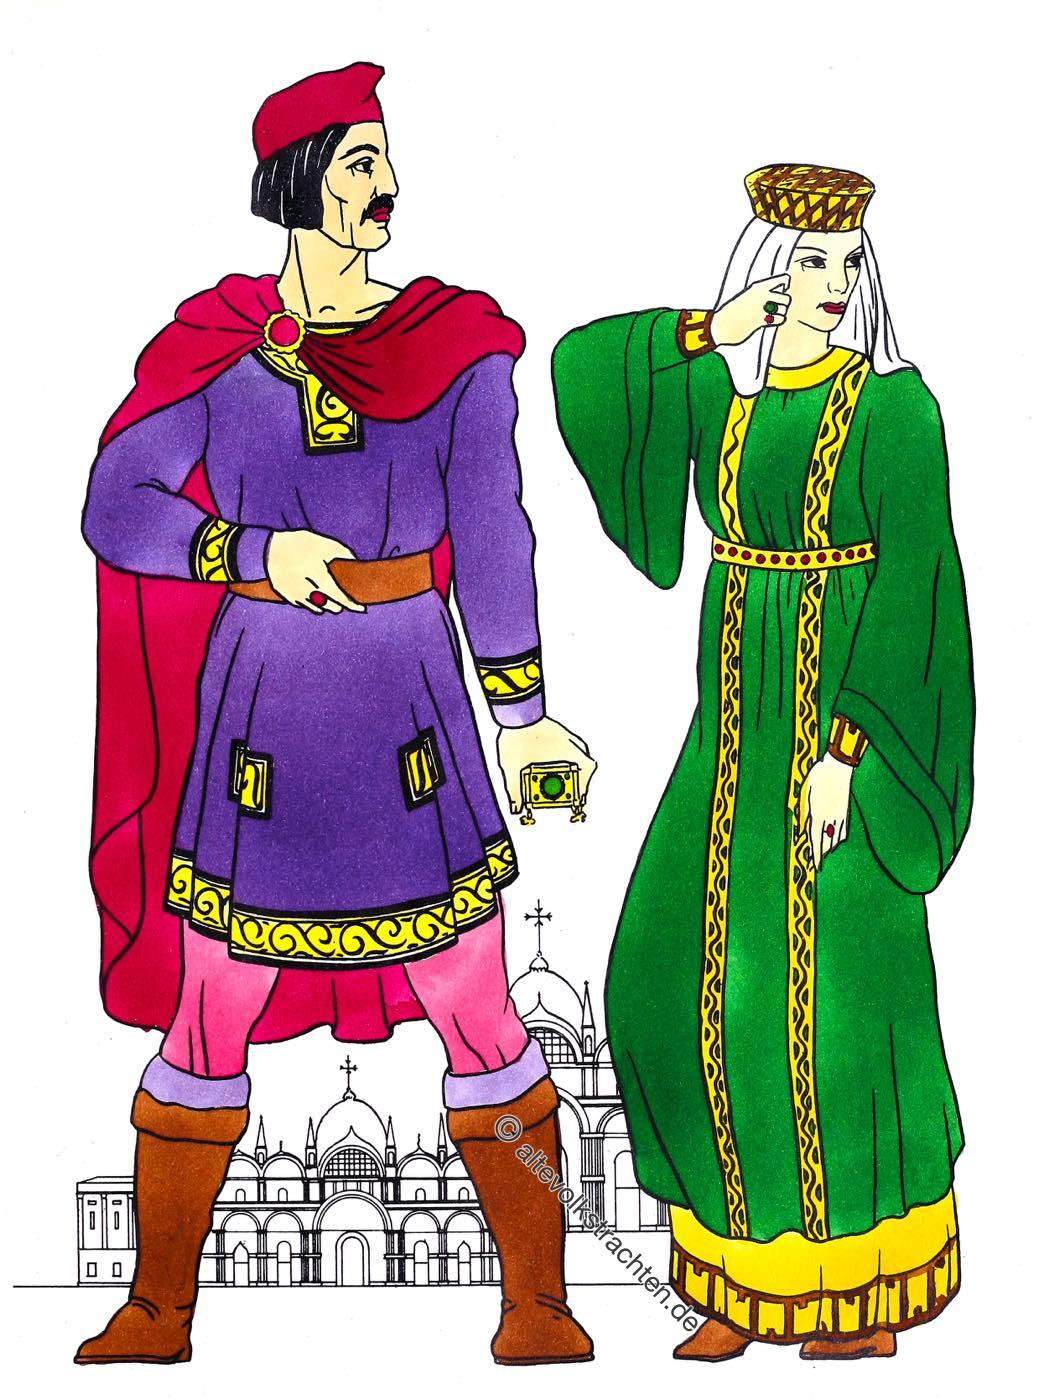 Kostümgeschichte, Tunika, Braccae, Bracca, Hosa, Byzanz, Kleidung, Kostüme, Bürgertum, Mittelalter